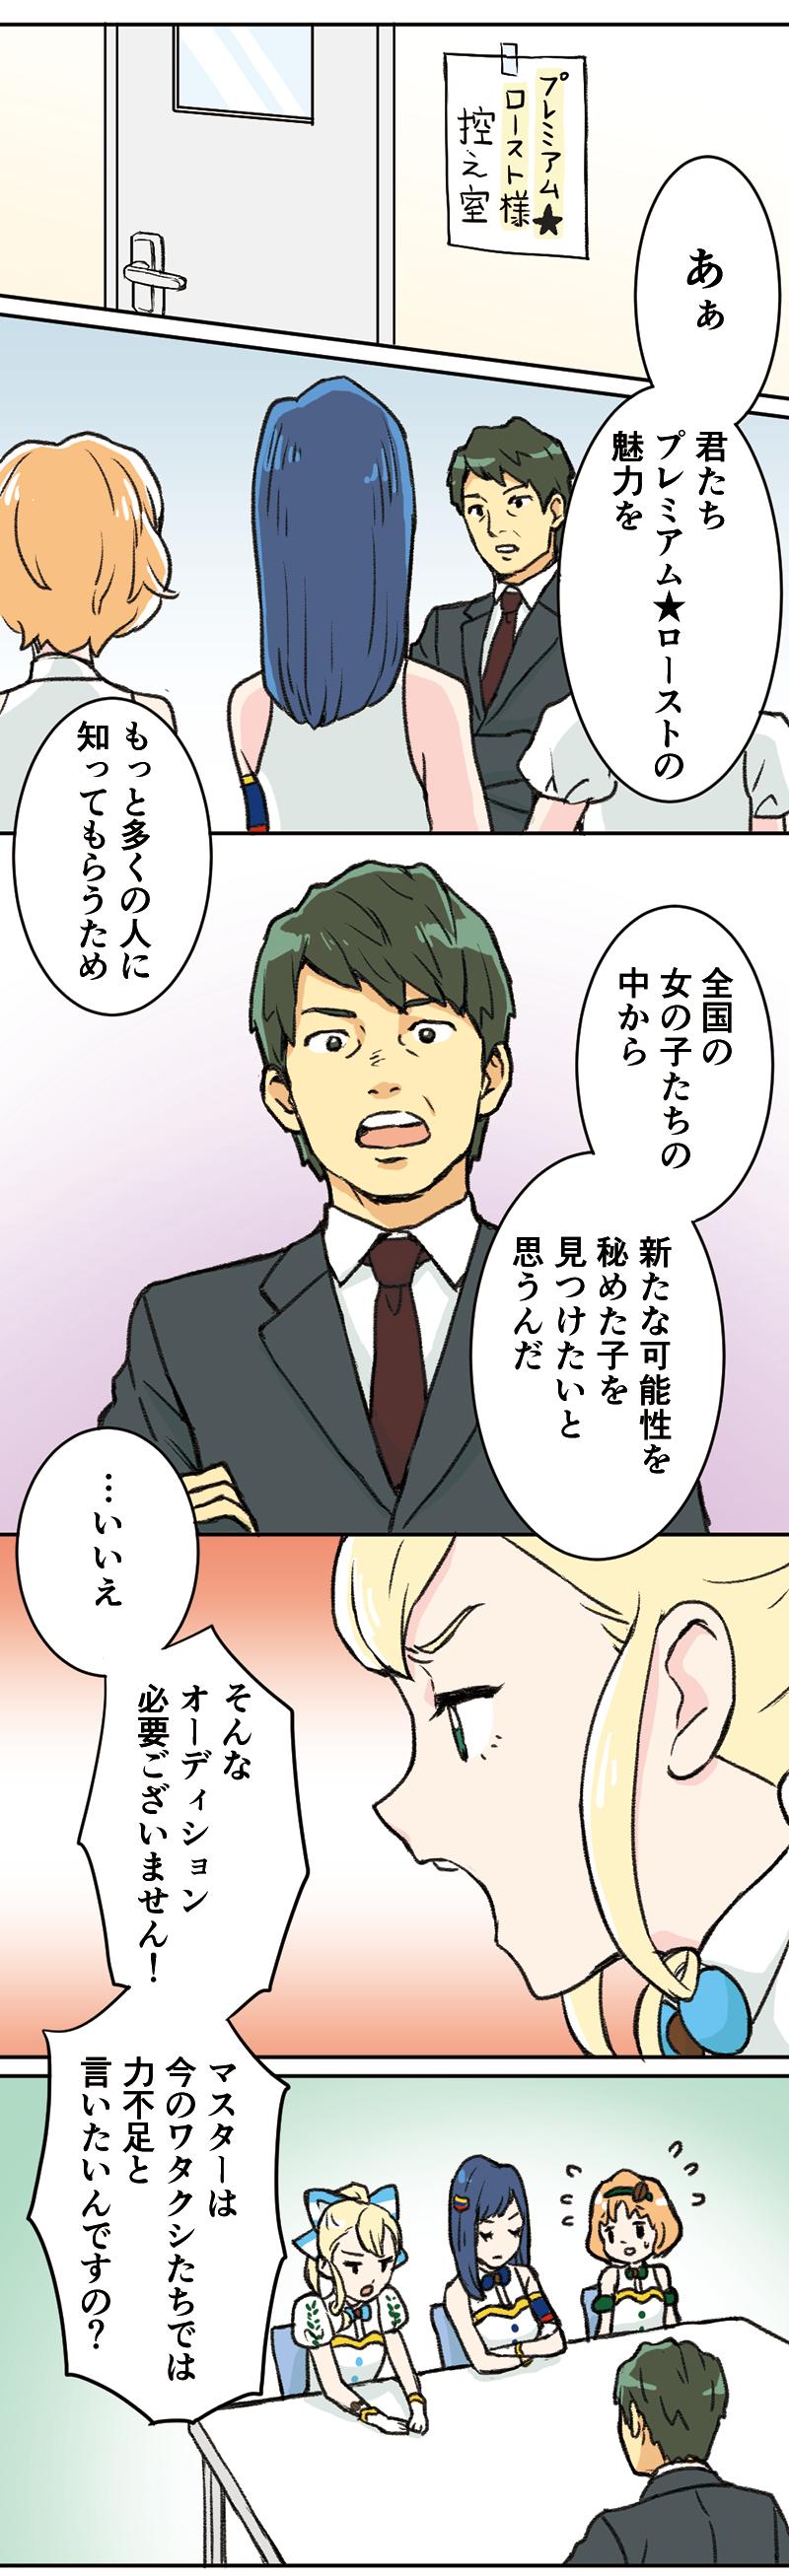 マクドナルド様_03